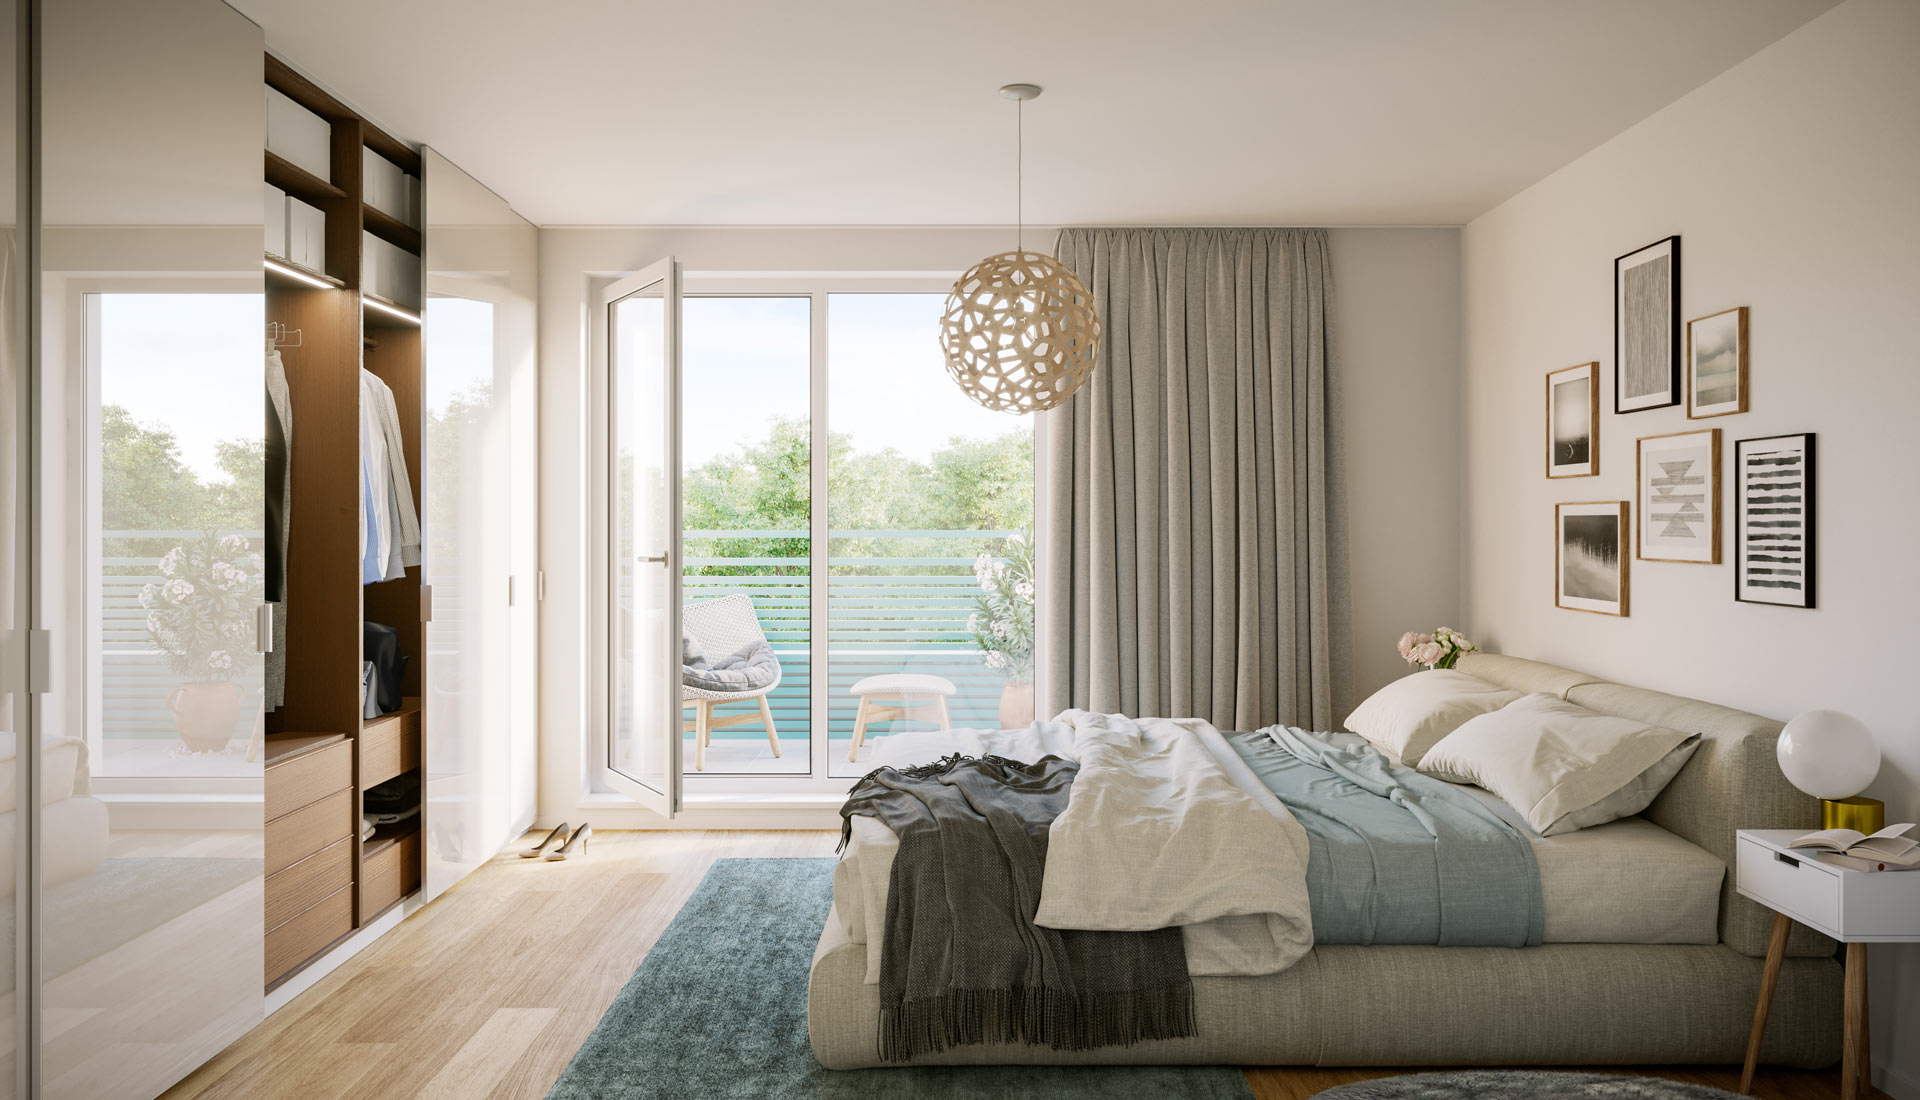 OPUS Marketing / Projekte / Atrio310 Schlafzimmer